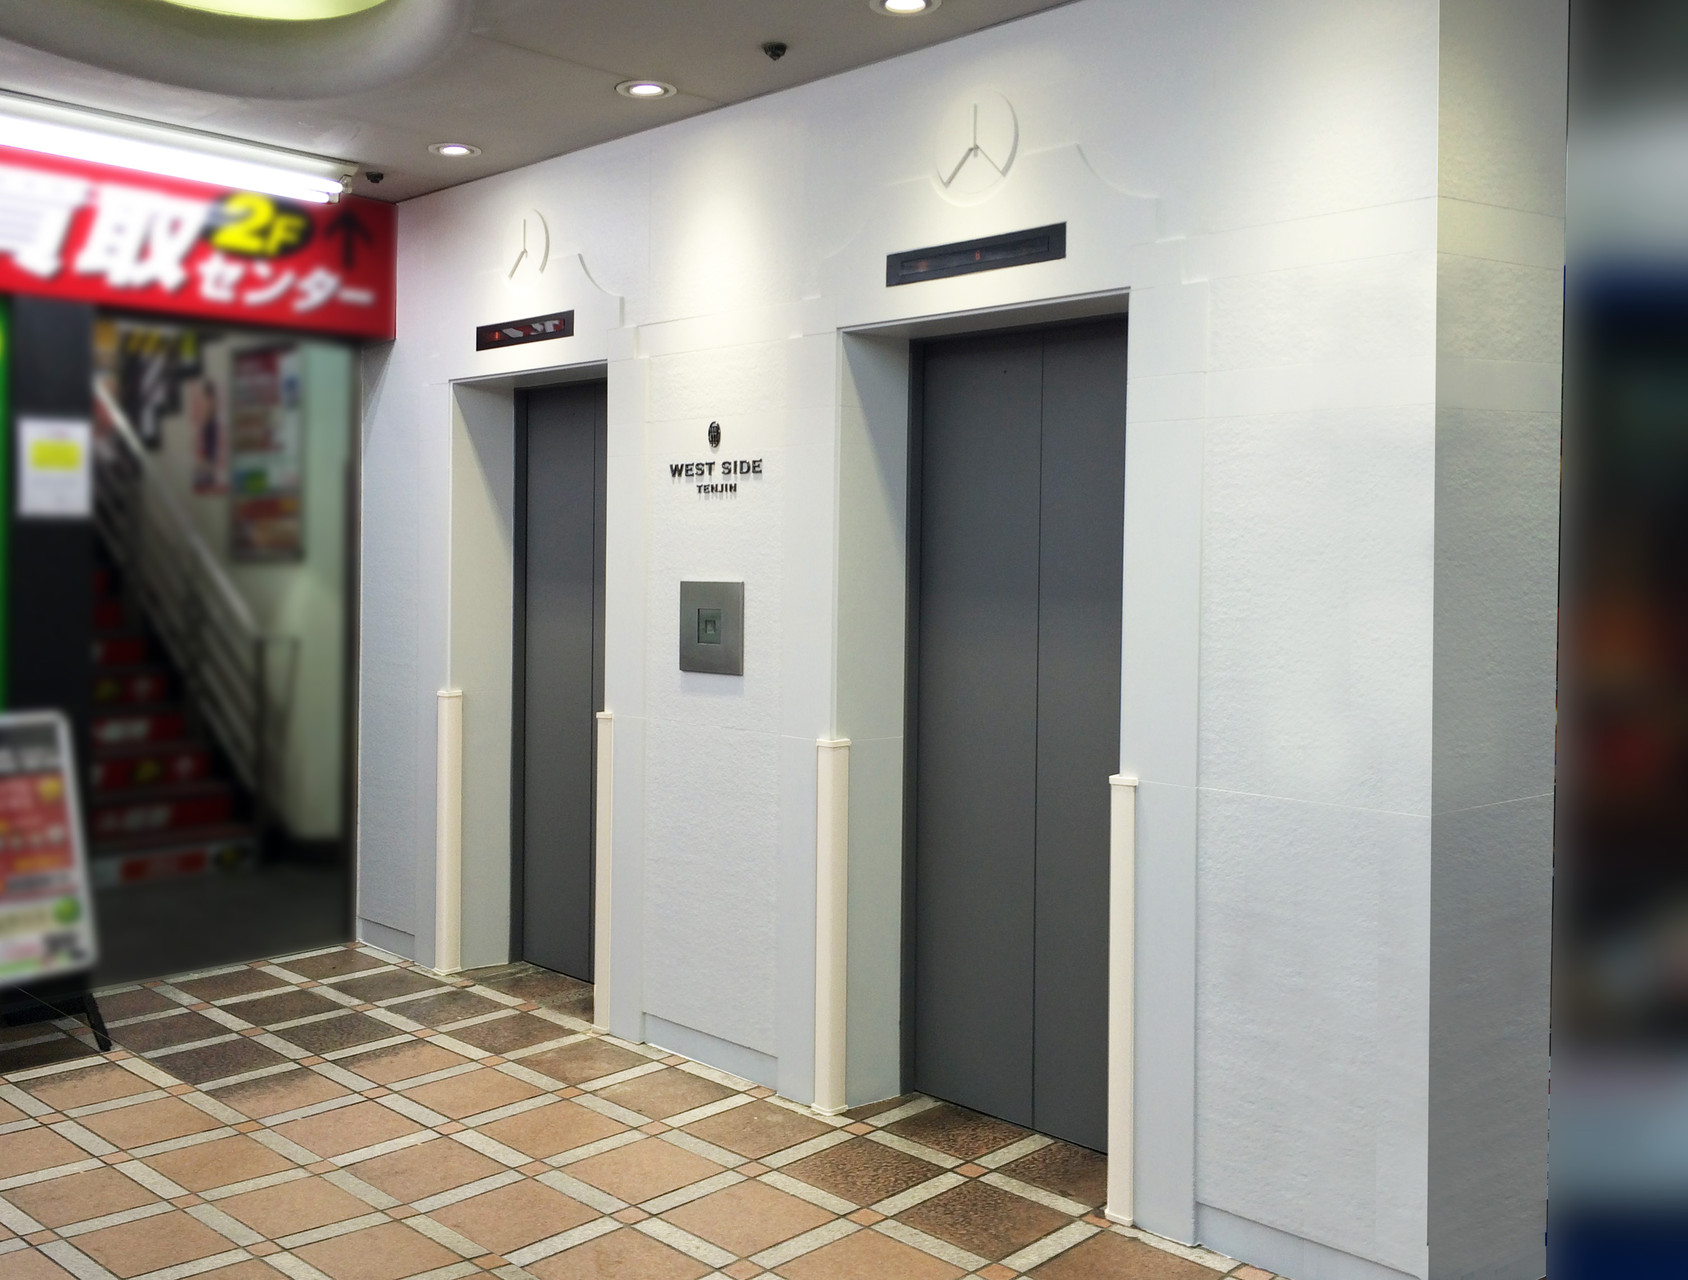 ウエストサイド天神ビル様 【部分改装/ロゴデザイン・設計・施工】